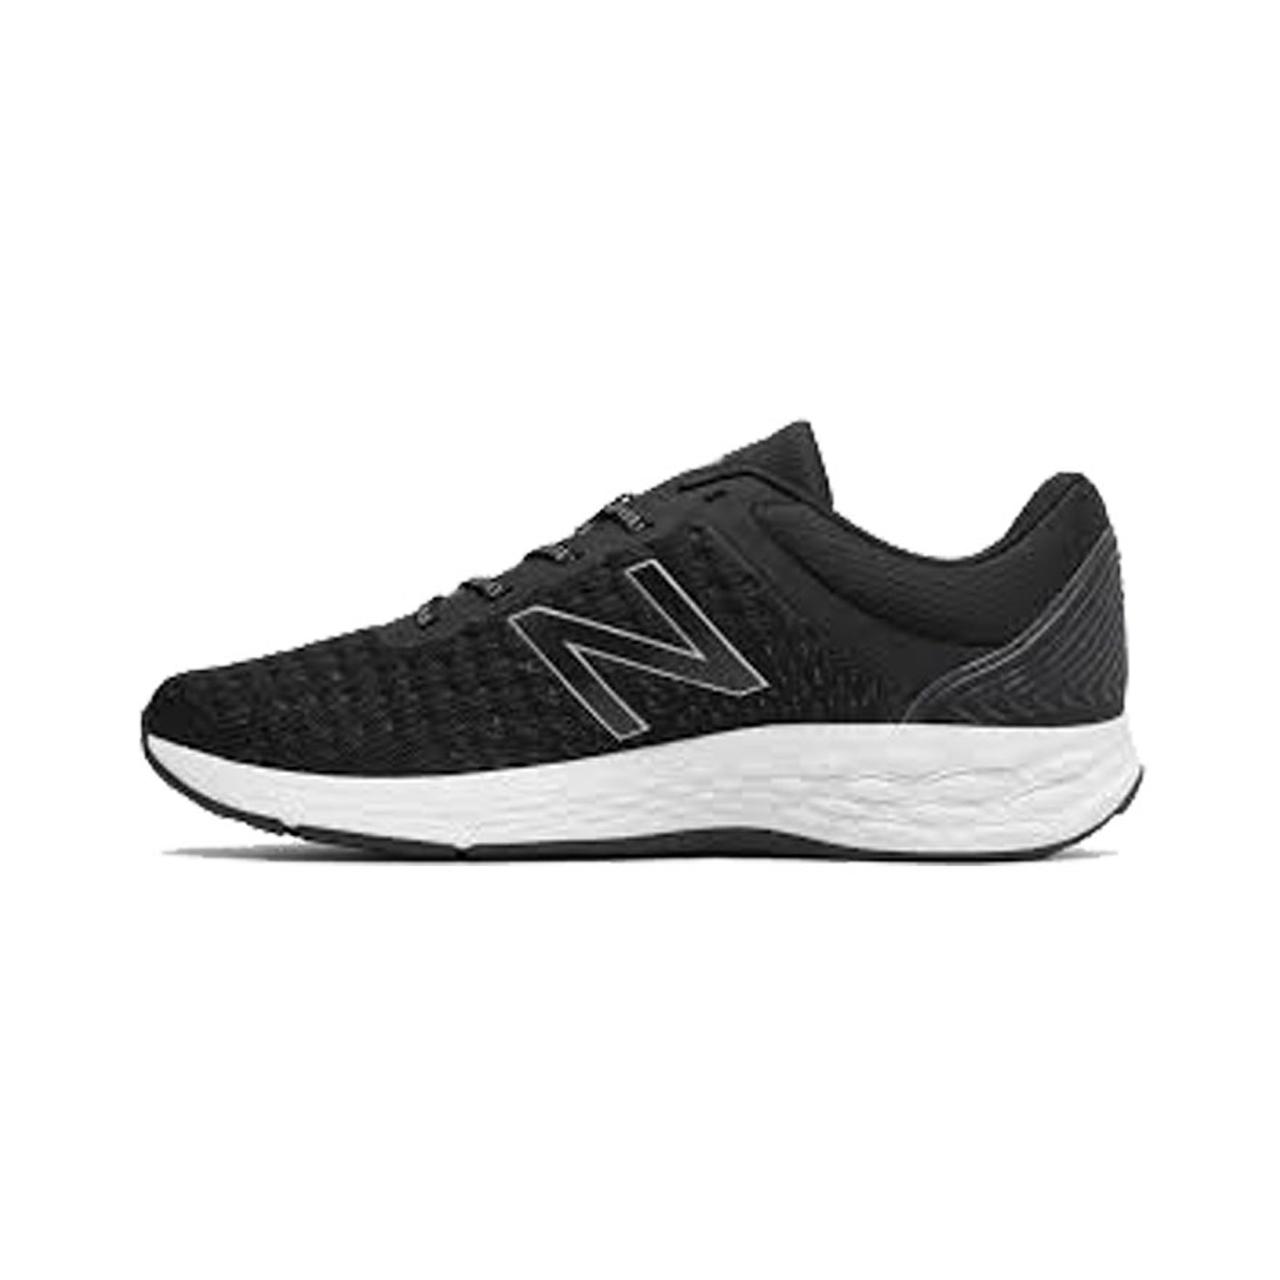 قیمت کفش مخصوص پیاده روی مردانه نیوبالانس مدل MKAYMLK1